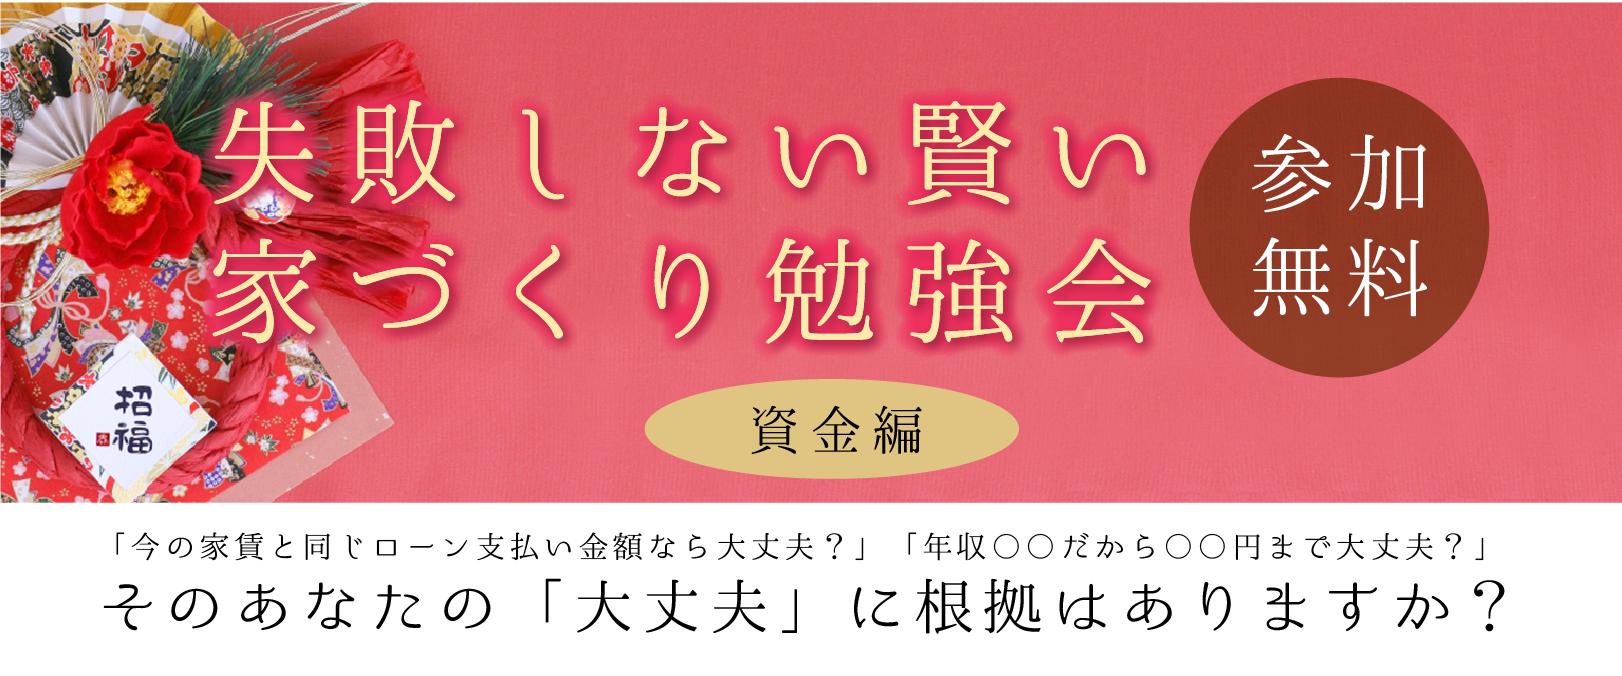 1/12(土)・13(日)失敗しない賢い家づくり勉強会~資金編~